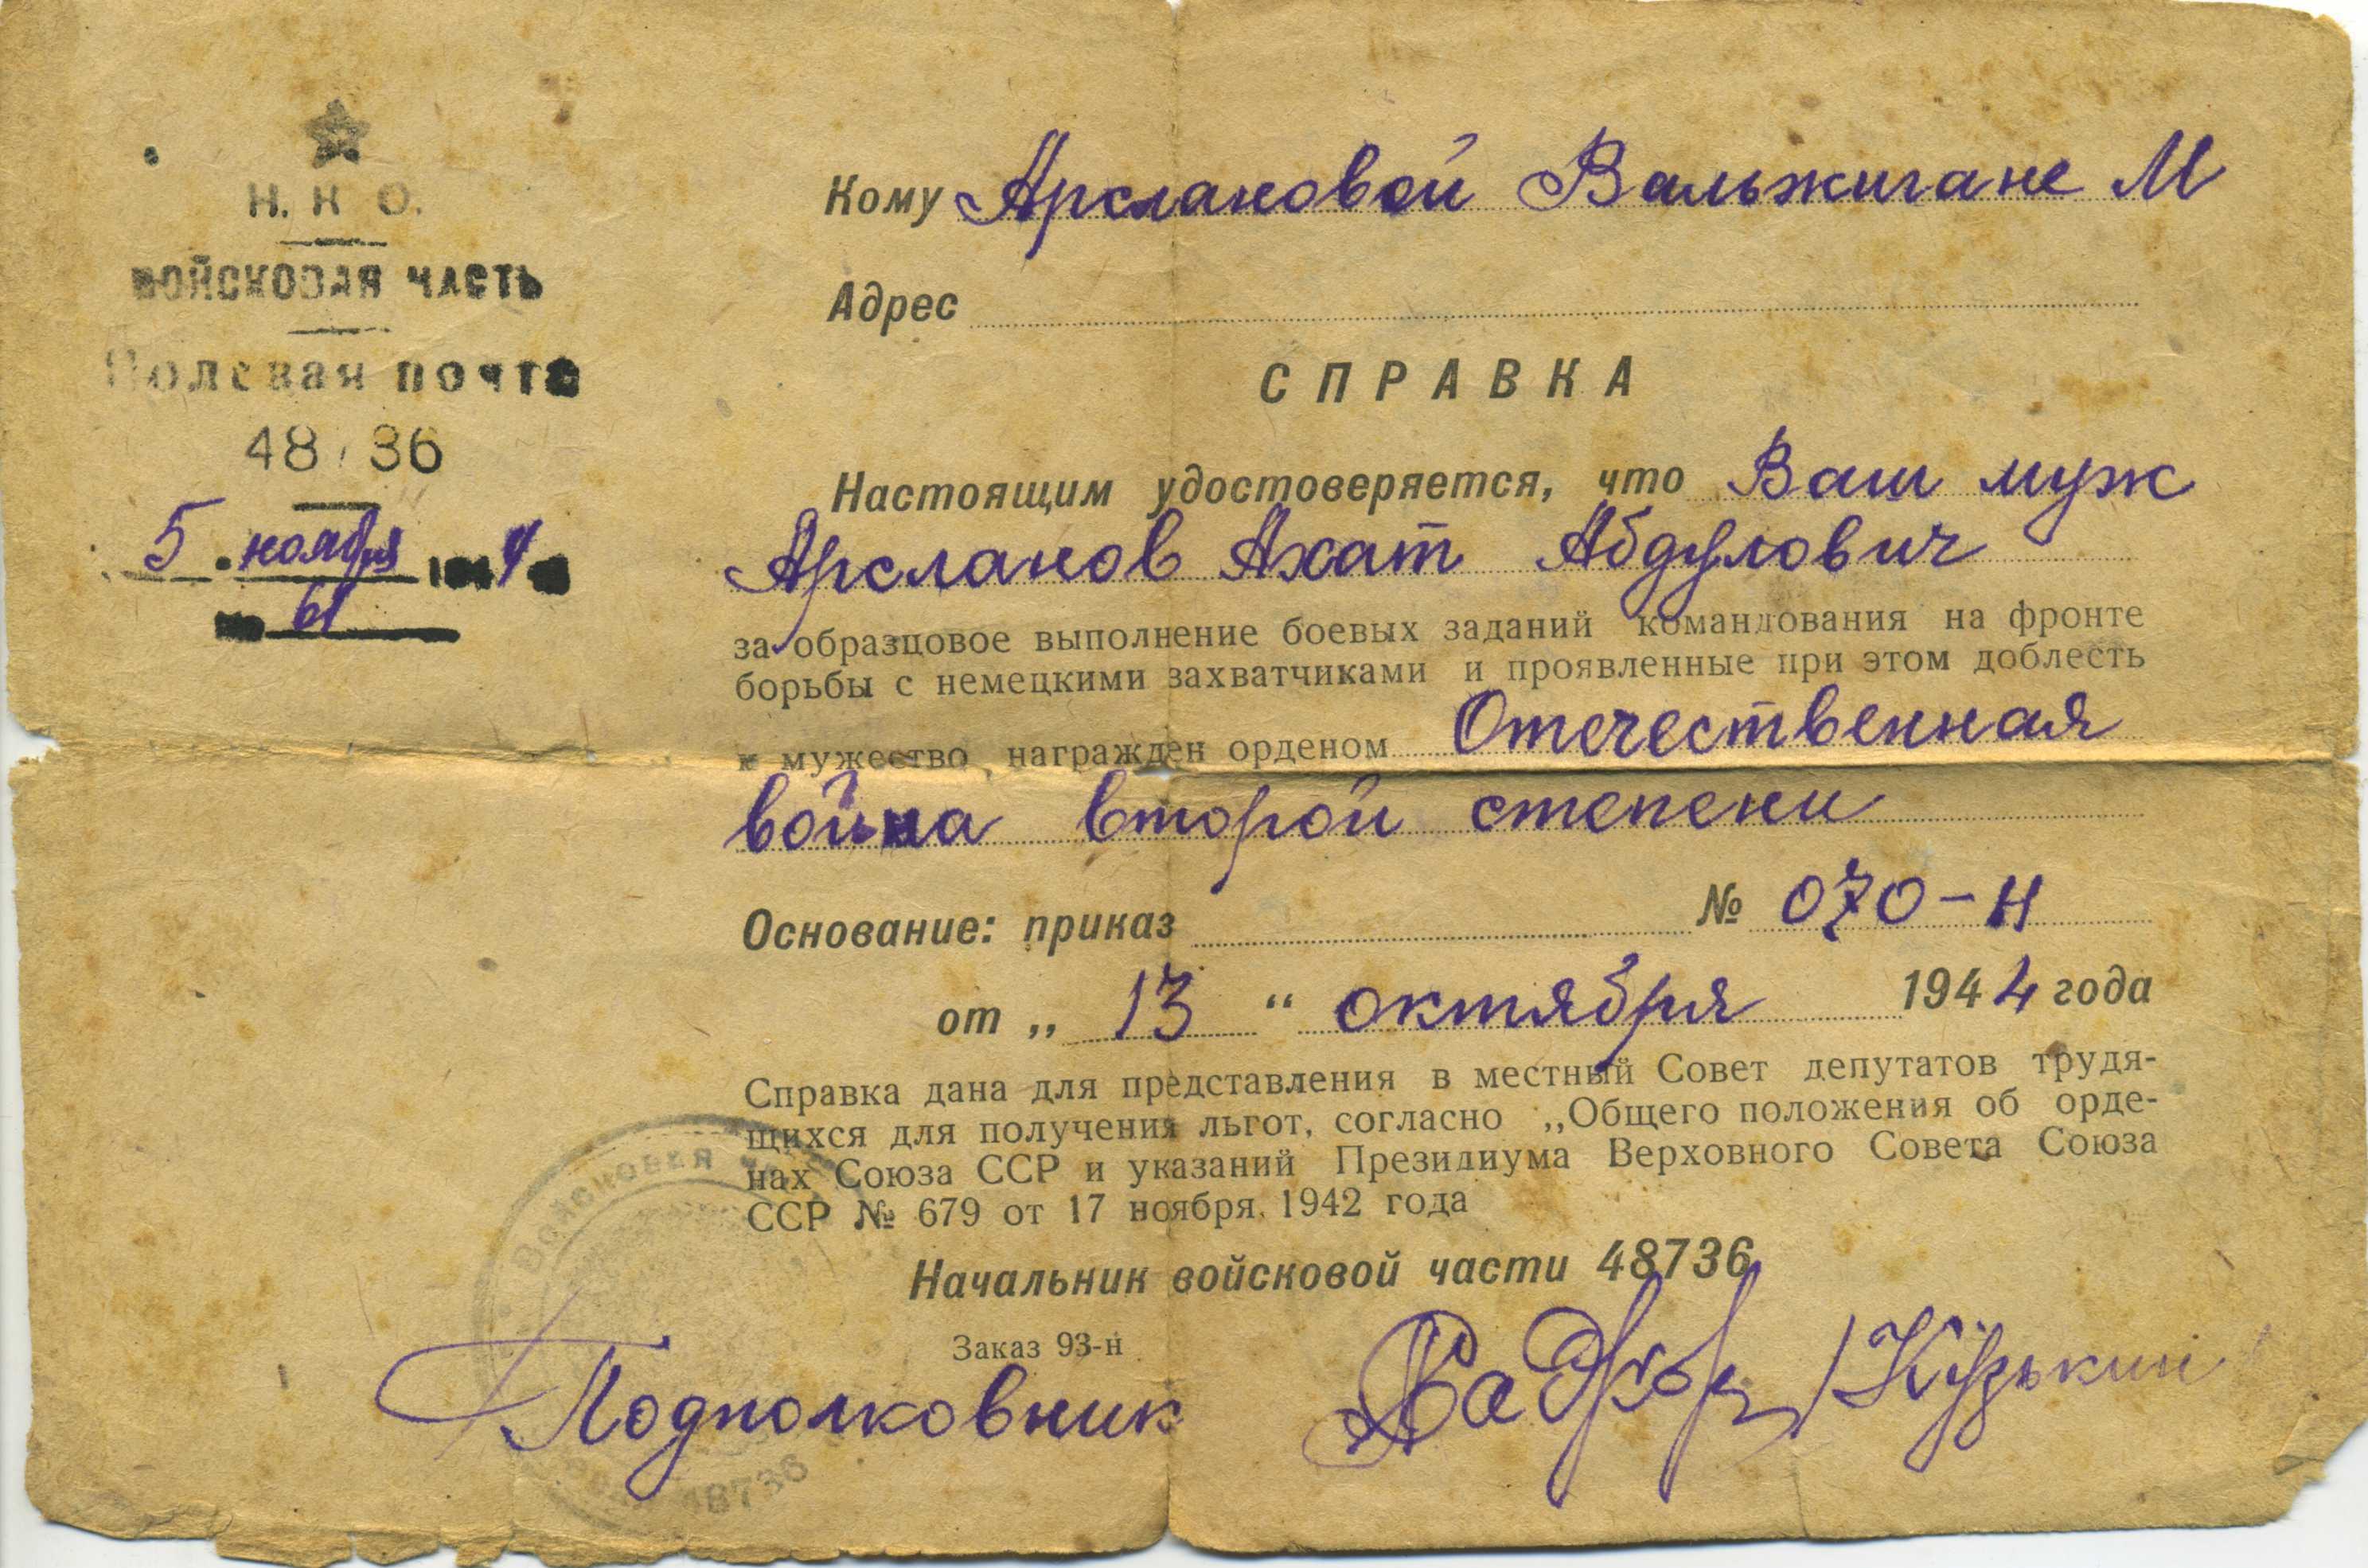 Арсланов А.А. Справка о награждении орденом. Из архива Черняева К.